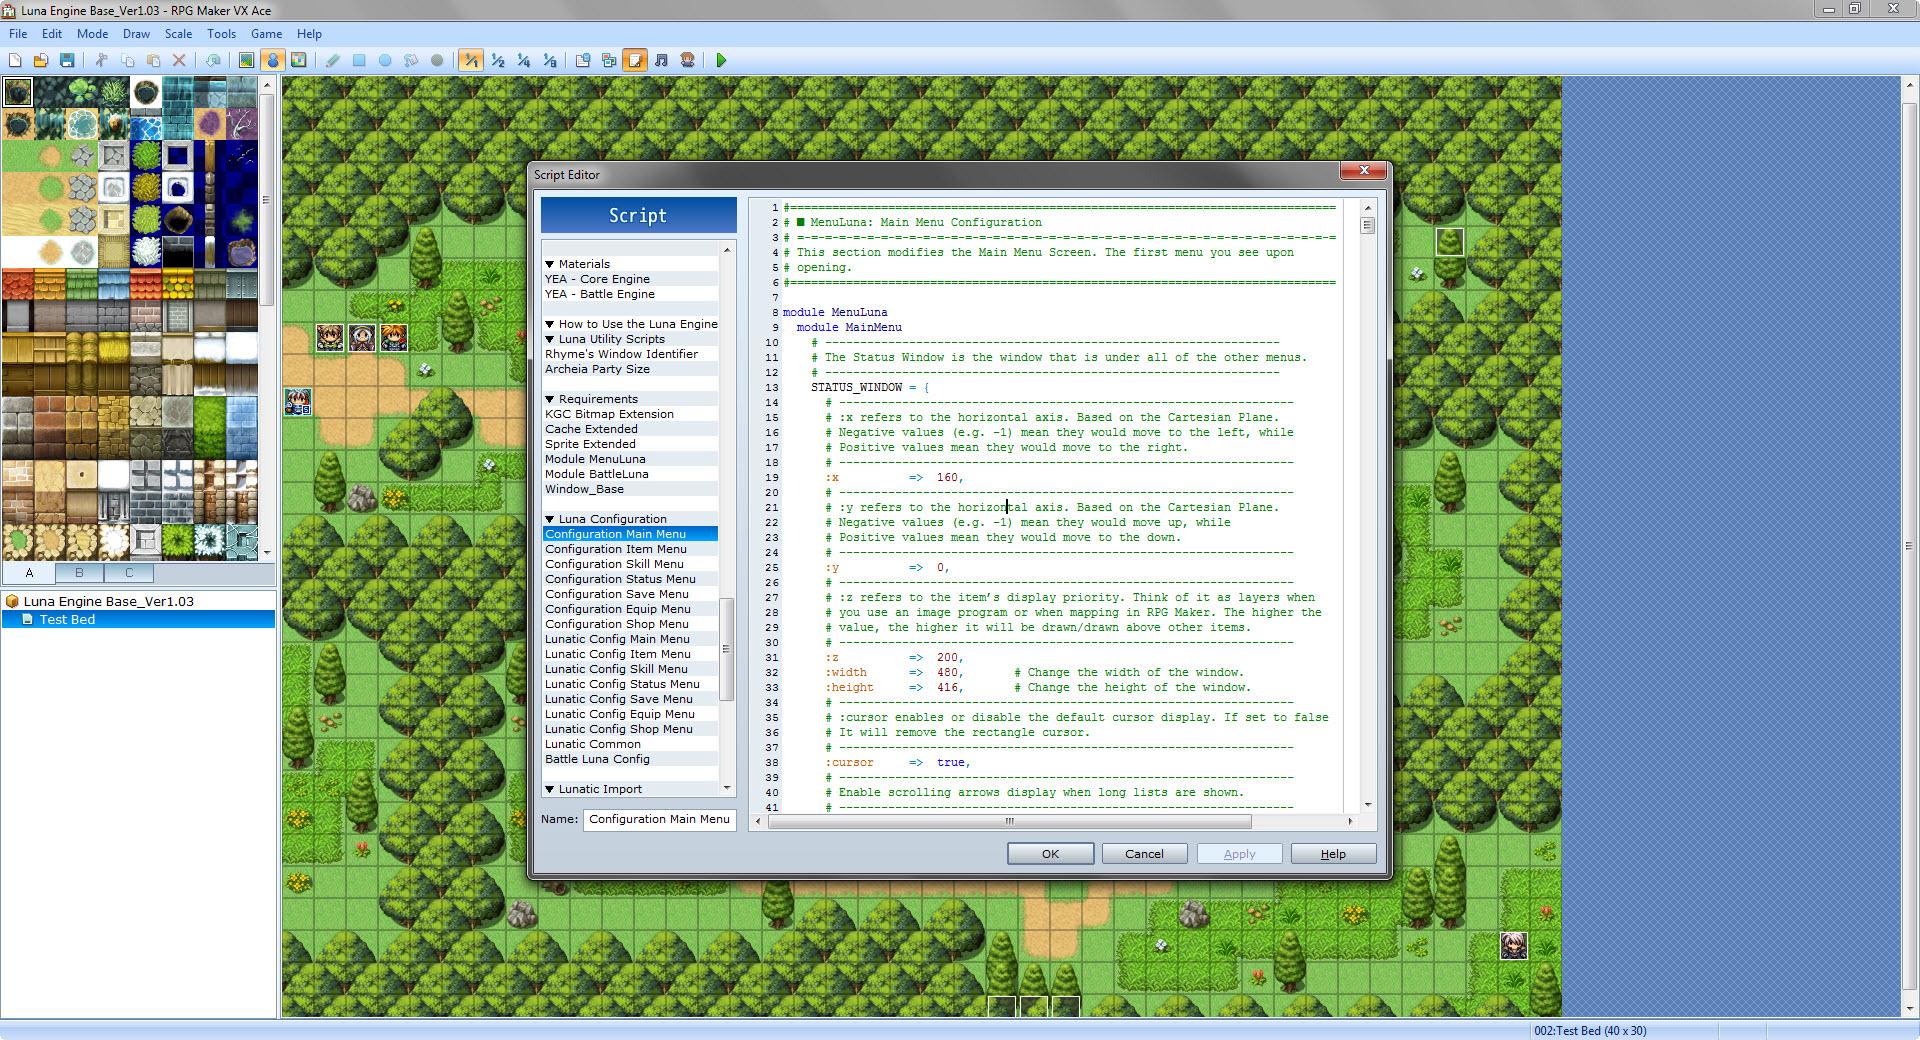 RPG Maker VX Ace - Luna Engine